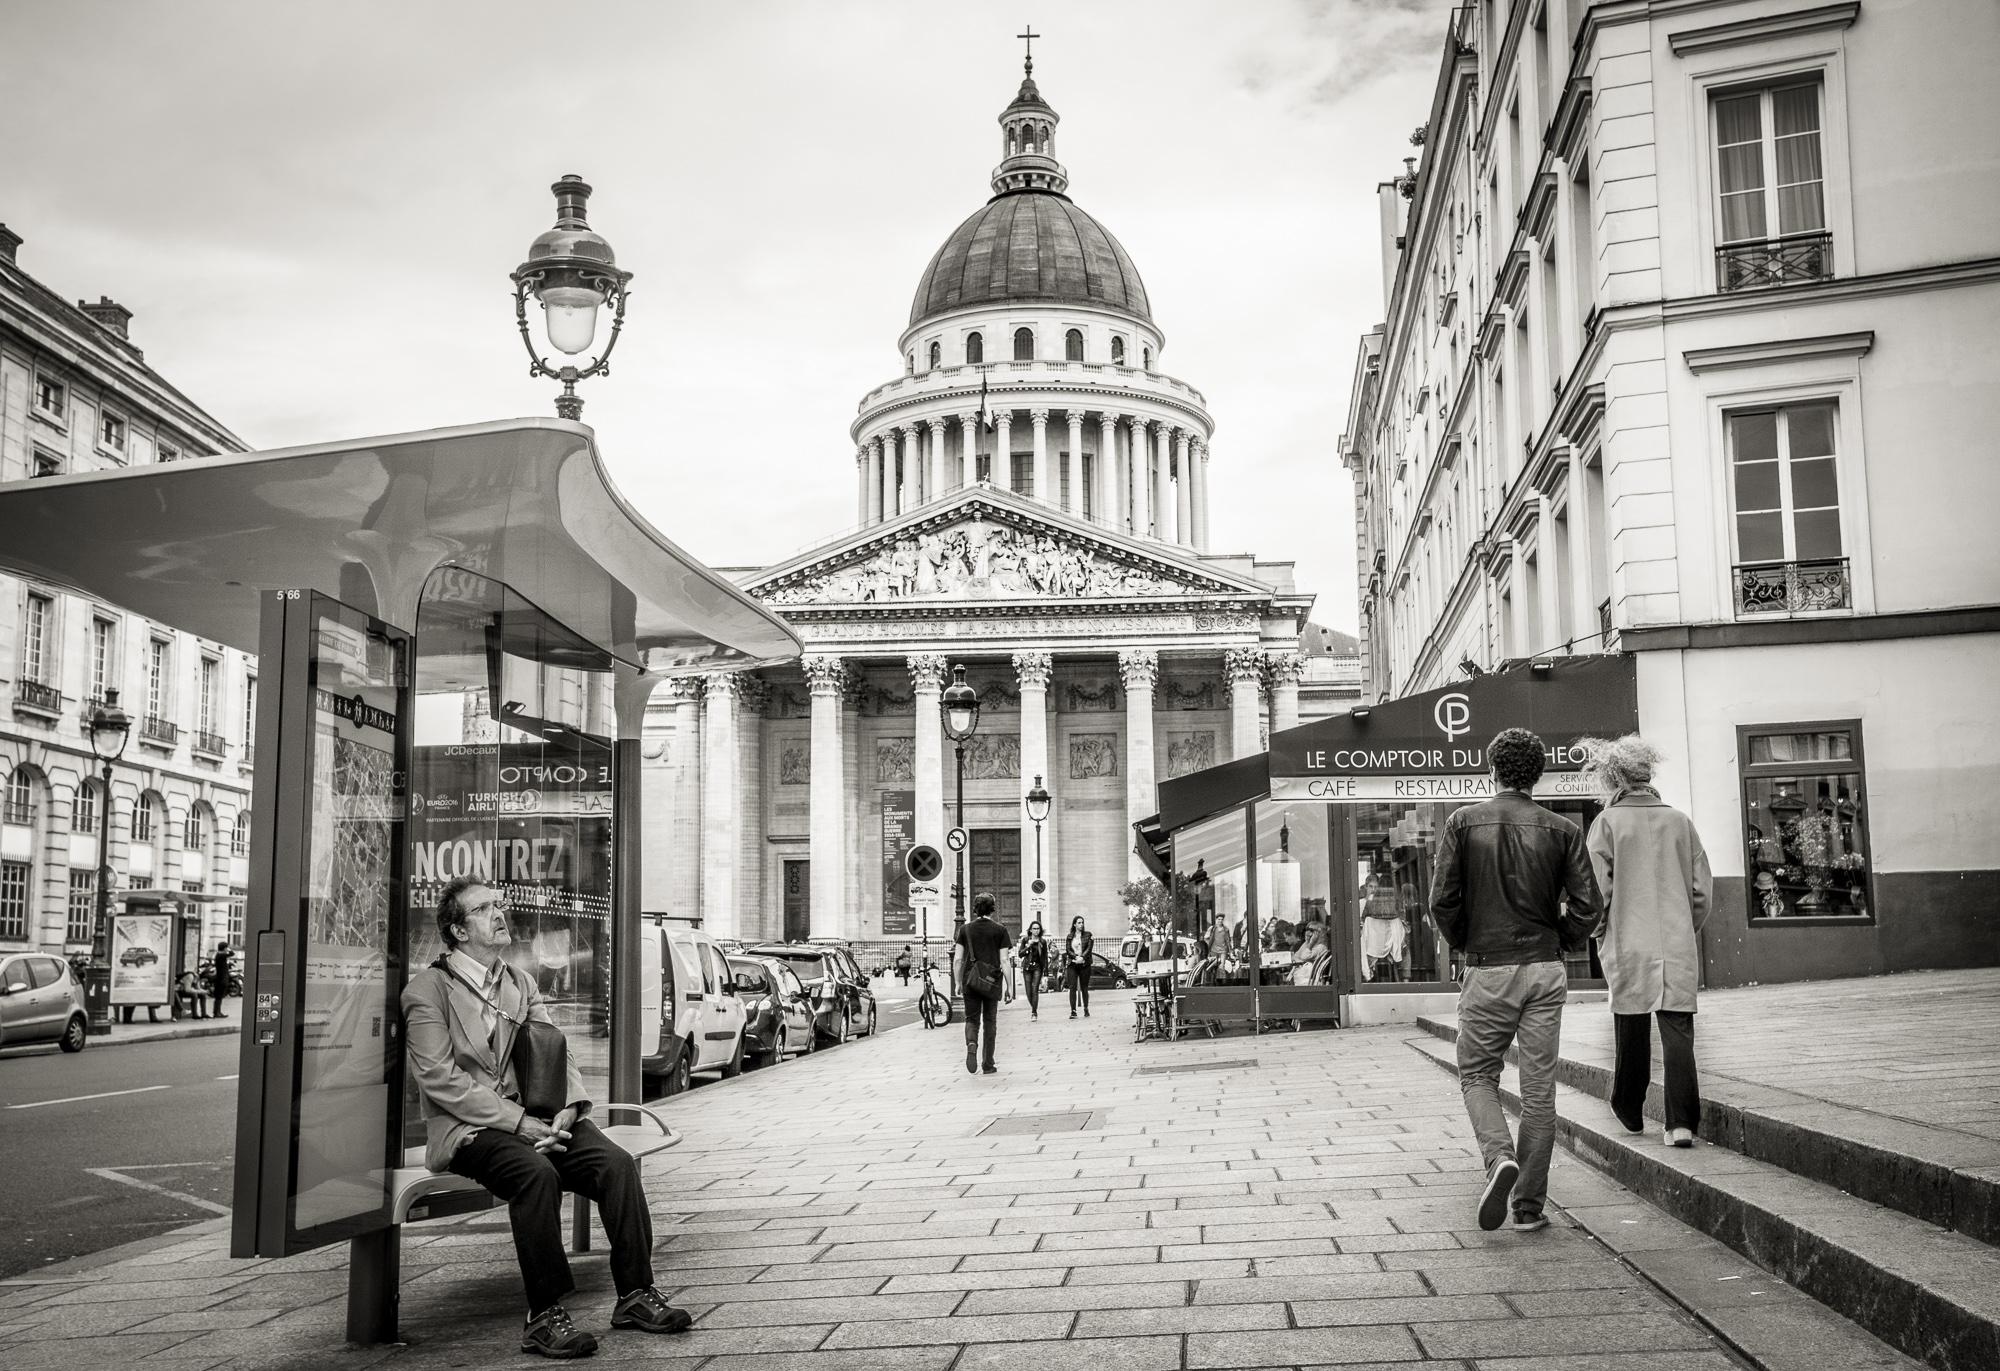 Les rues de paris christopher broughton for Les photos de paris